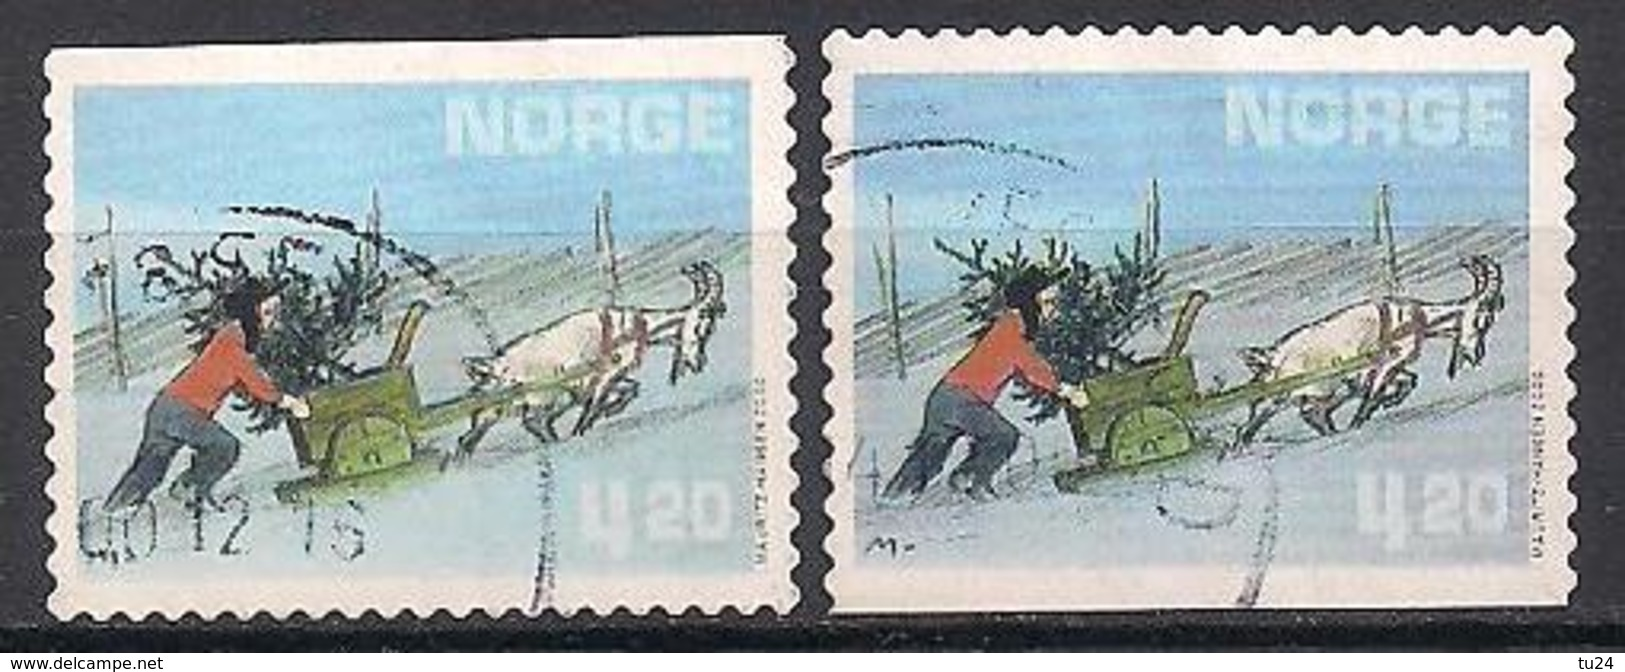 Norwegen  (2000)  Mi.Nr. 1362  Gest. / Used  (1ah12) - Norwegen